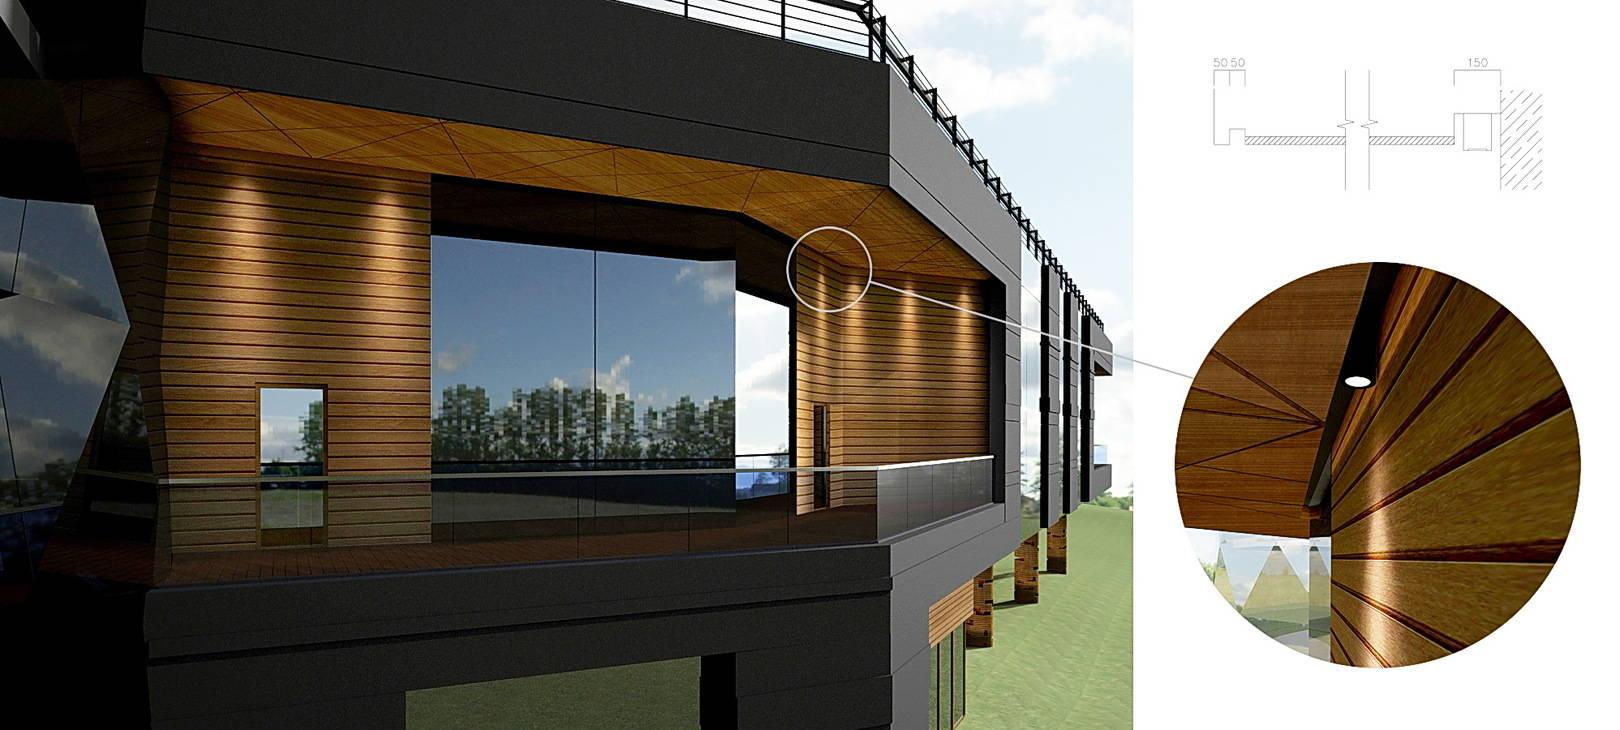 загодный дом - минимализм